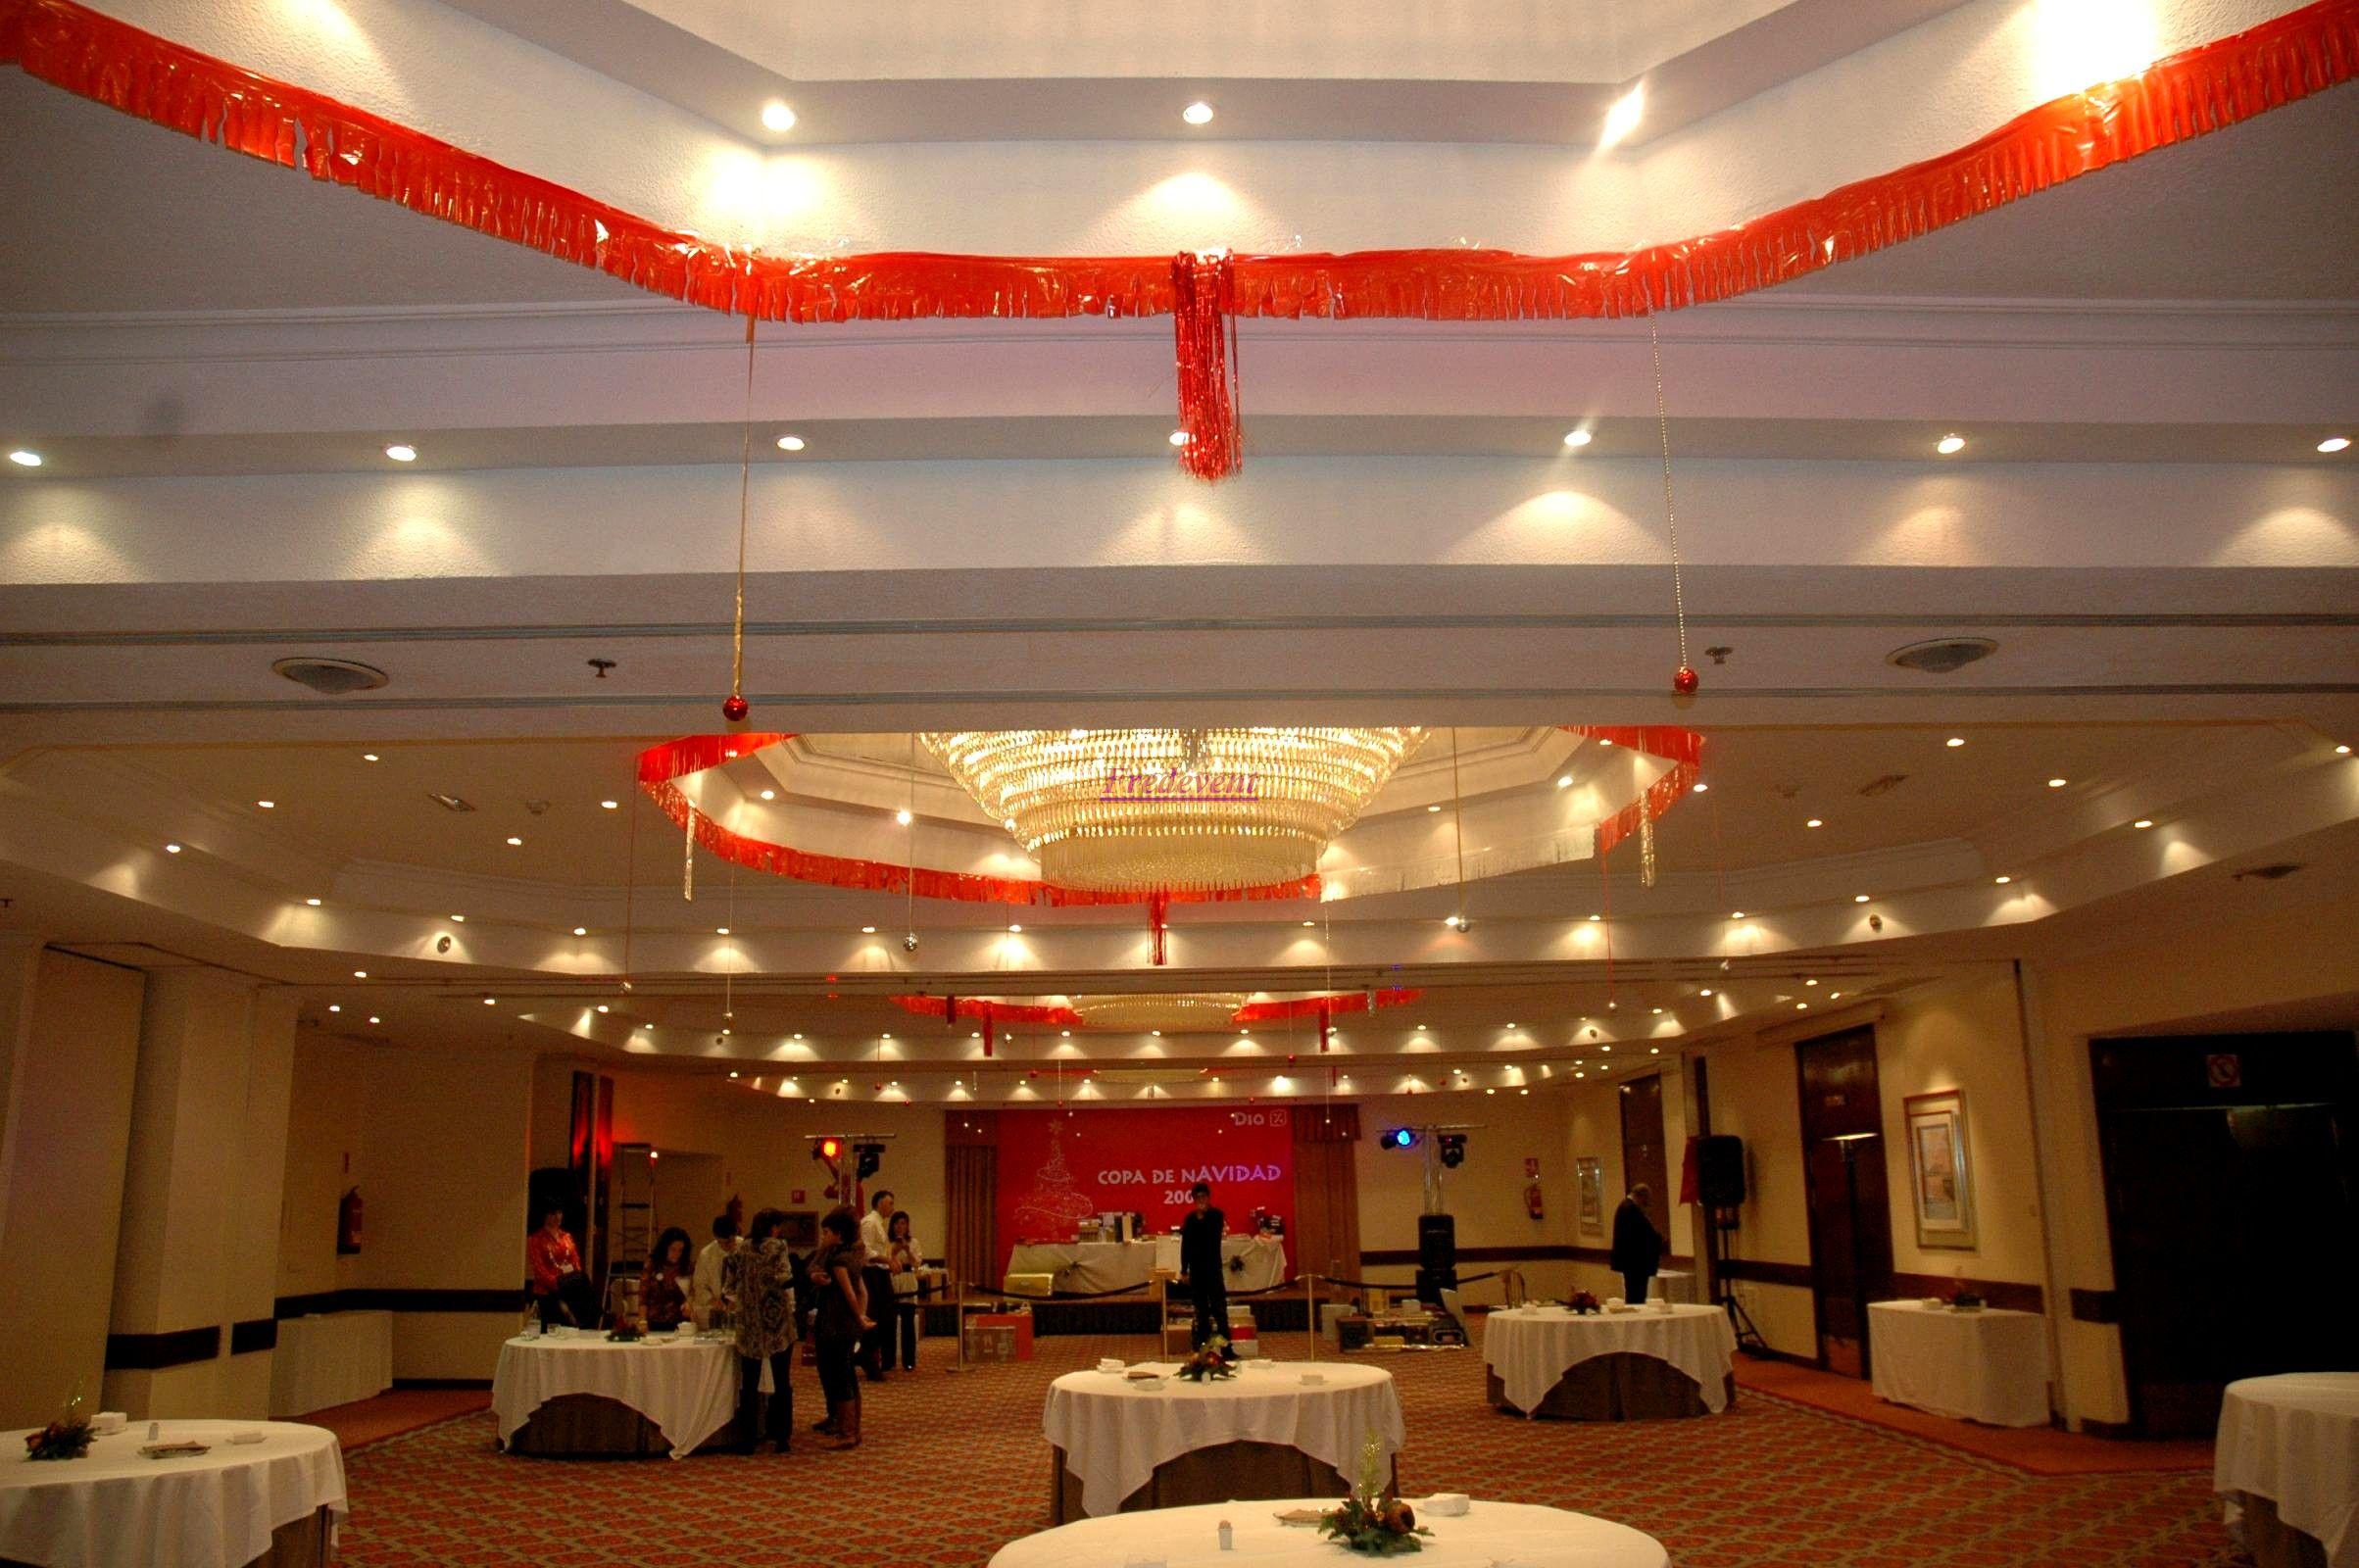 Organizadores de fiestas agencias de eventos catering - Salones decorados para navidad ...